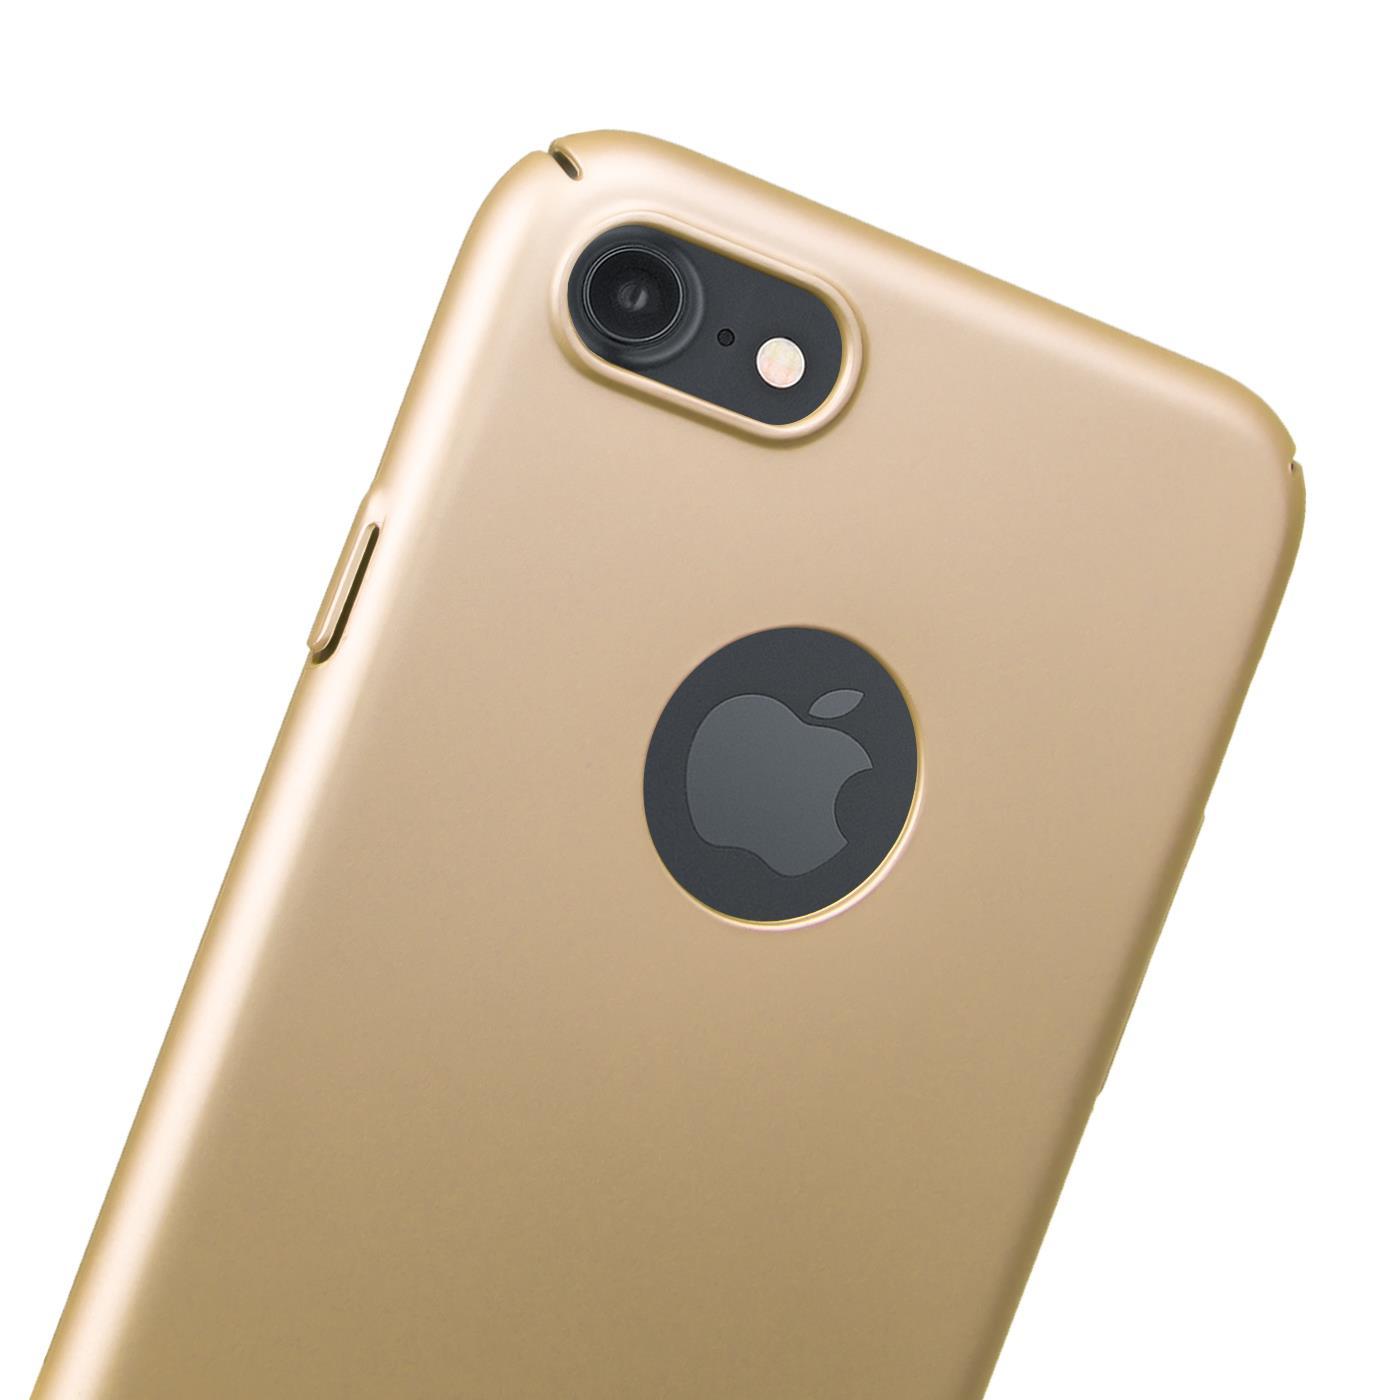 Slim-Cover-Schutzhuelle-Apple-iPhone-Handy-Schutz-Tasche-Huelle-Glas-Panzer-Folie Indexbild 23